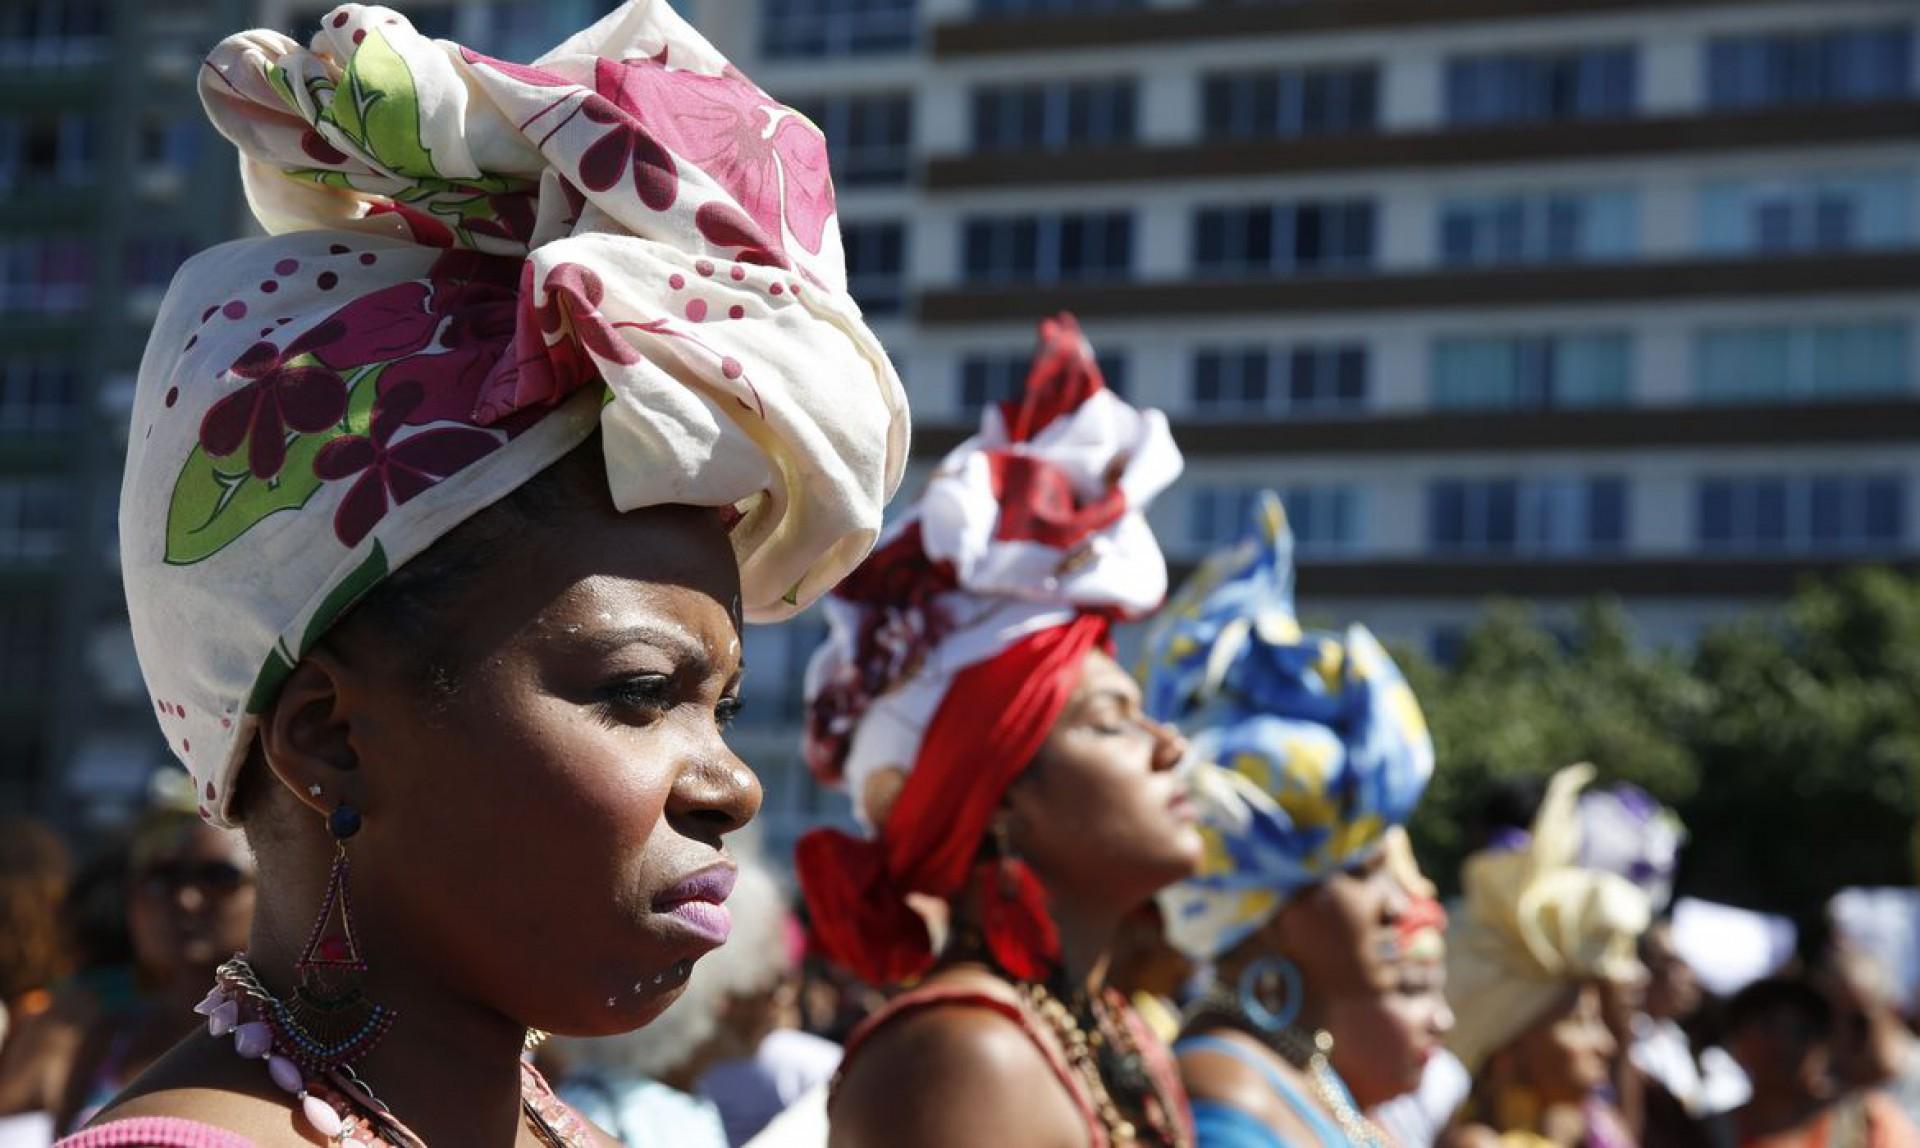 Conheça 6 mulheres que representam o feminino brasileiro por meio da luta, do estudo e da criatividade.